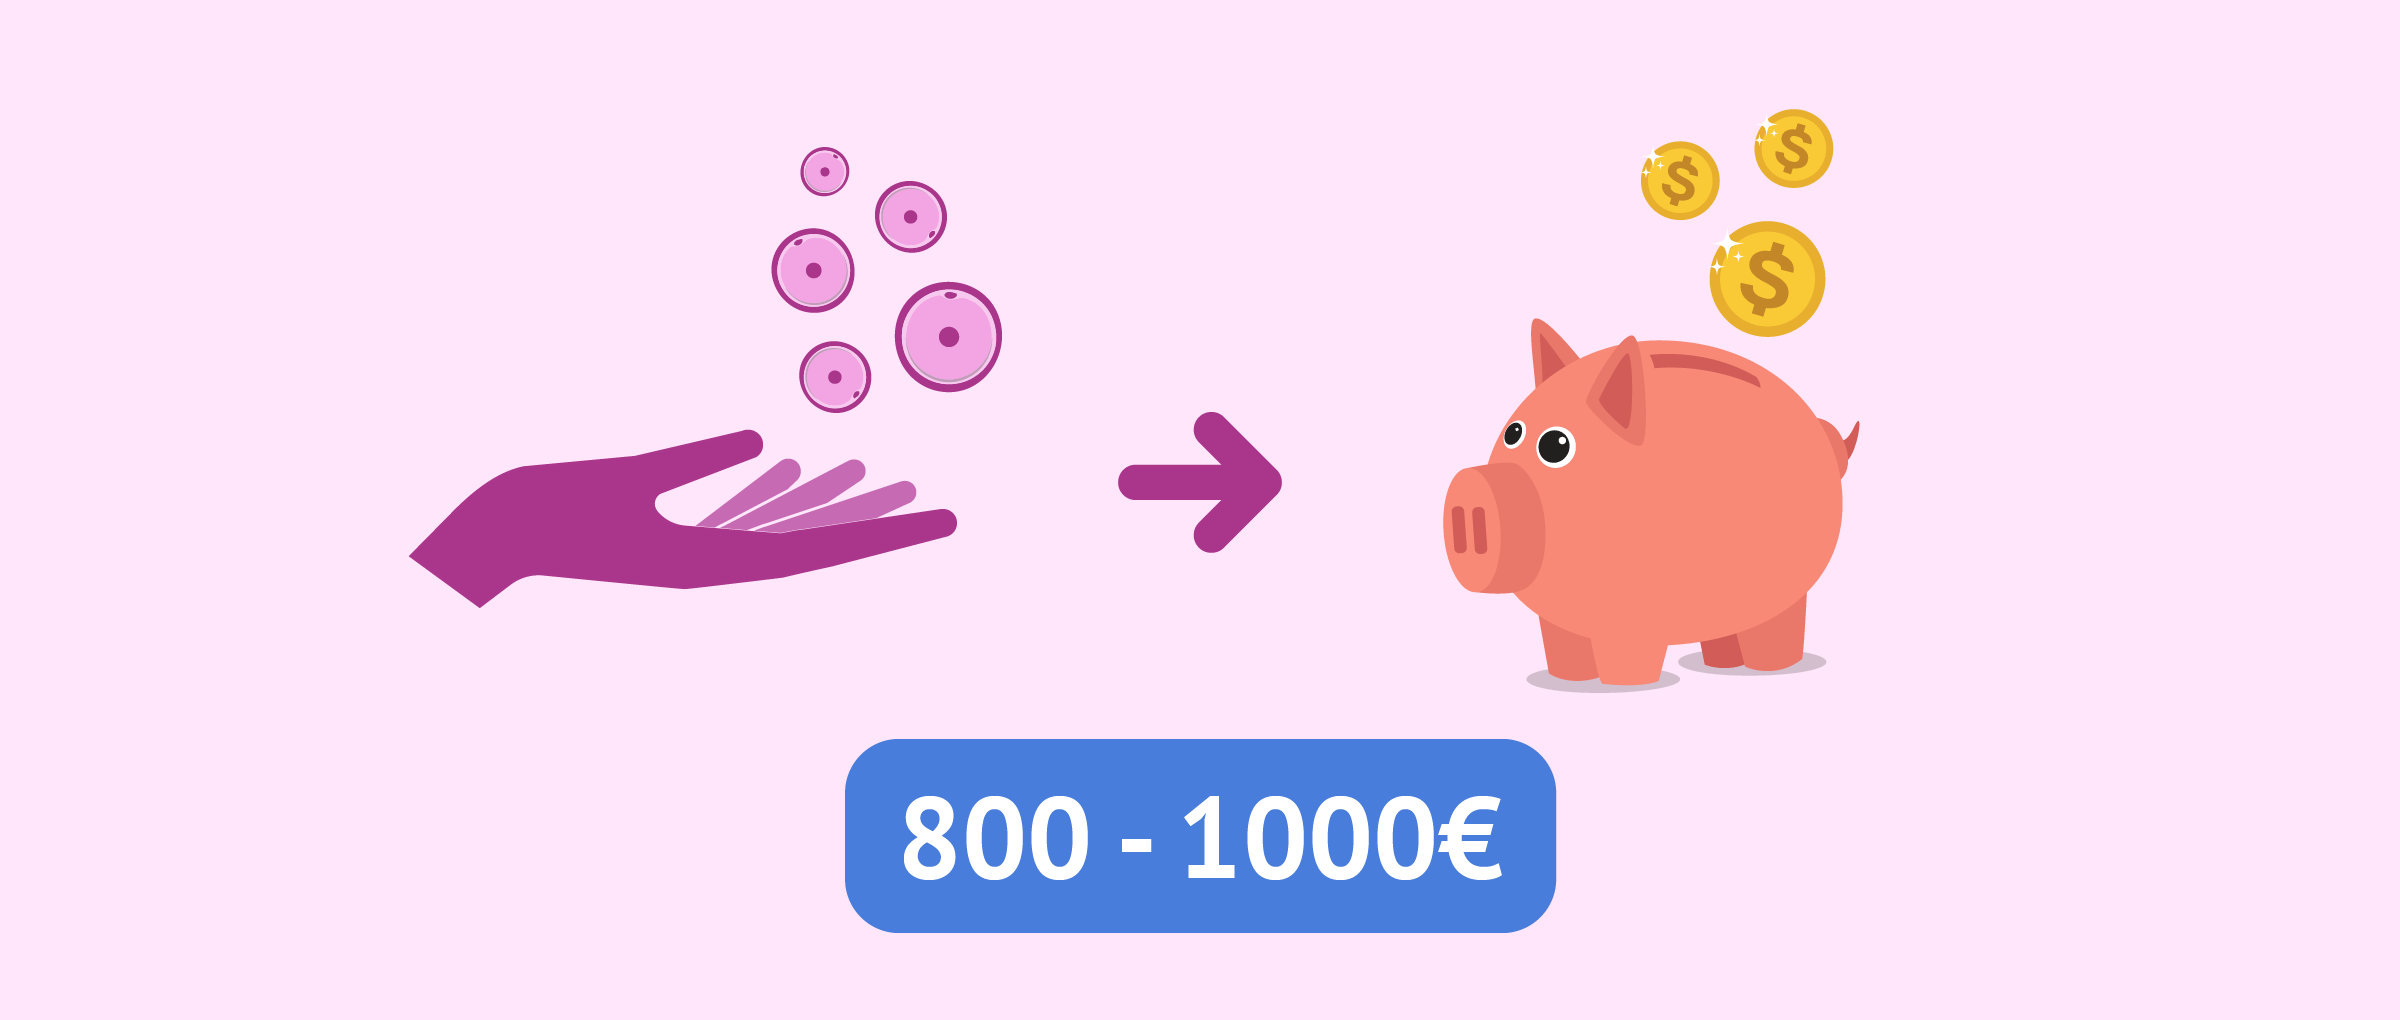 Compensación económica a las donantes